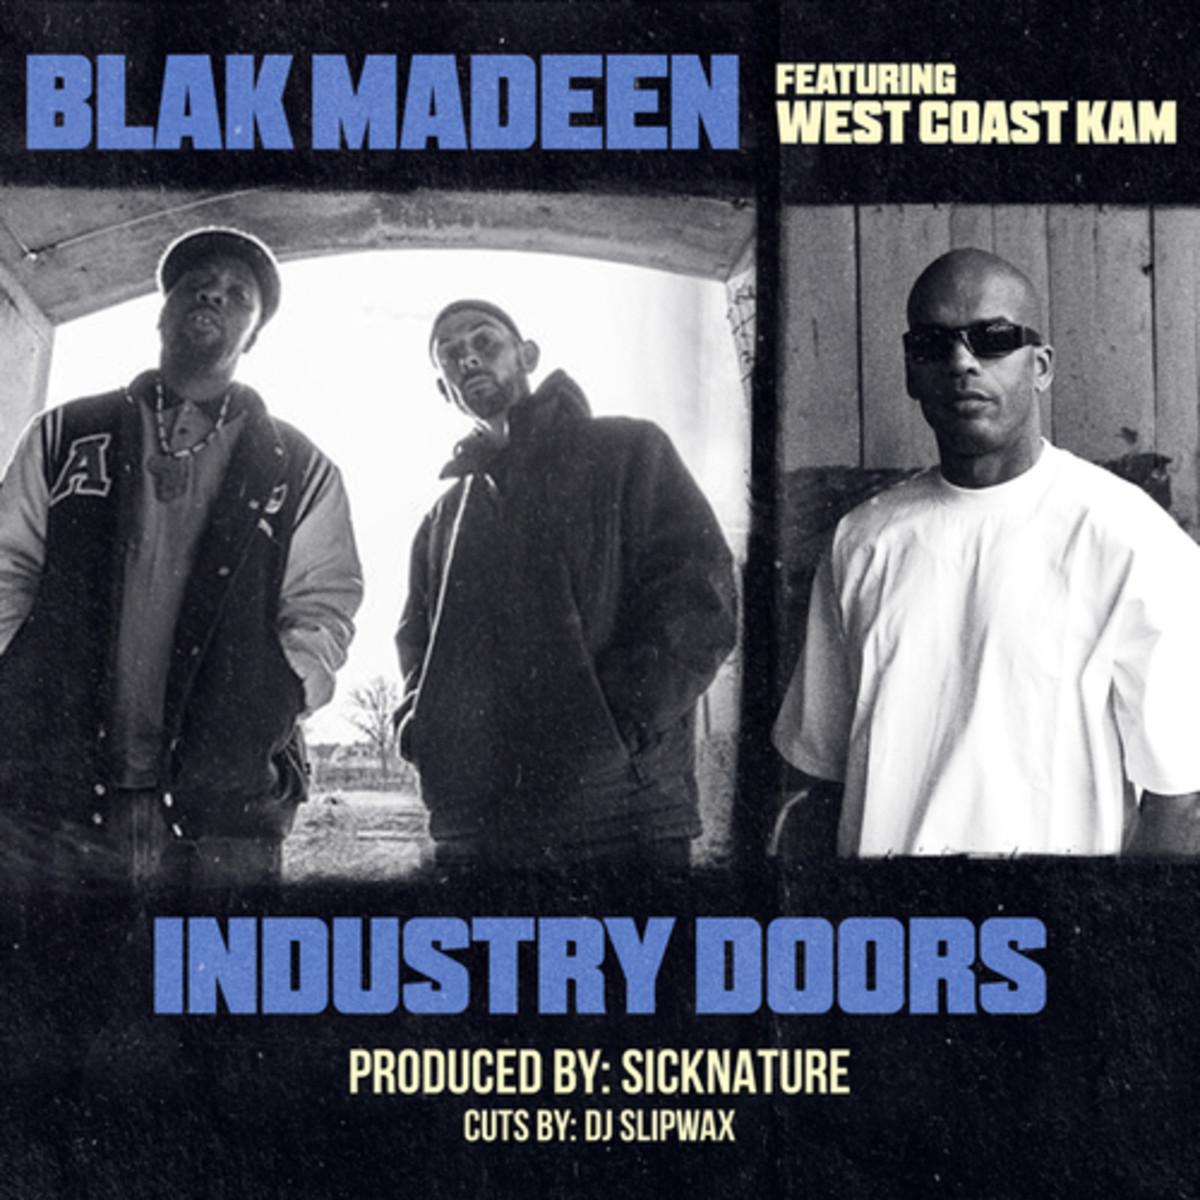 blak-madeen-industry-doors.jpg